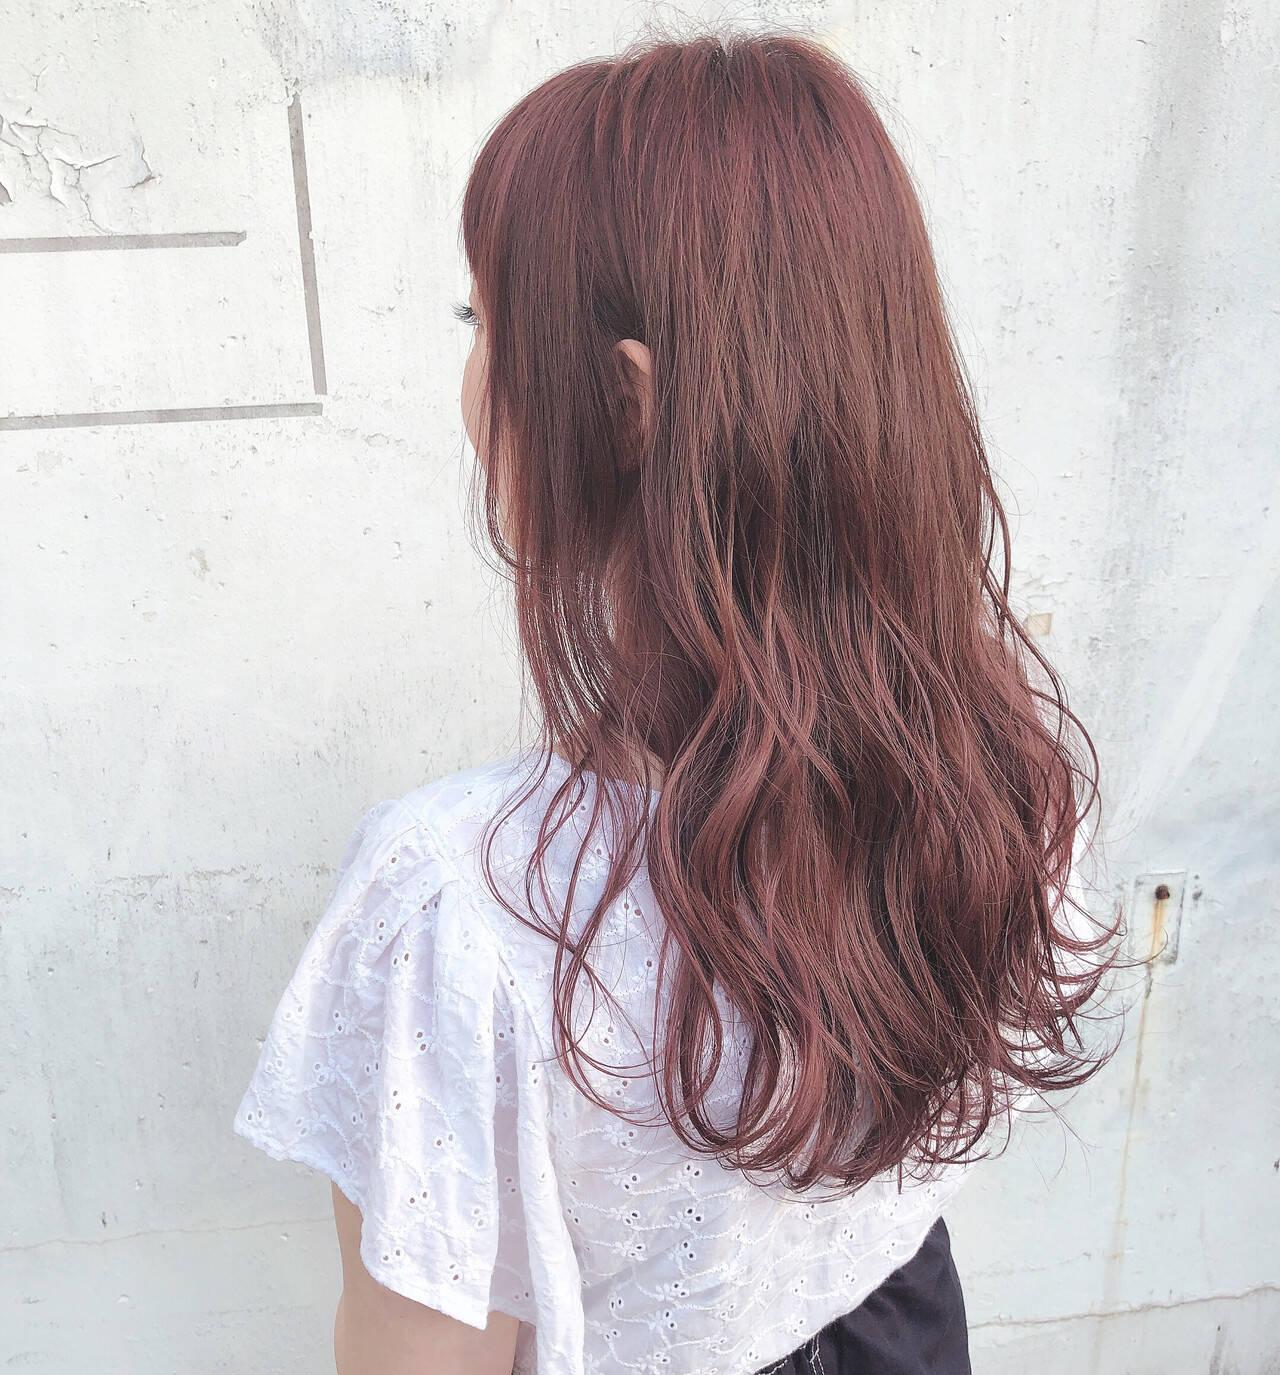 ゆるふわ かわいい ラベンダーアッシュ ロングヘアスタイルや髪型の写真・画像